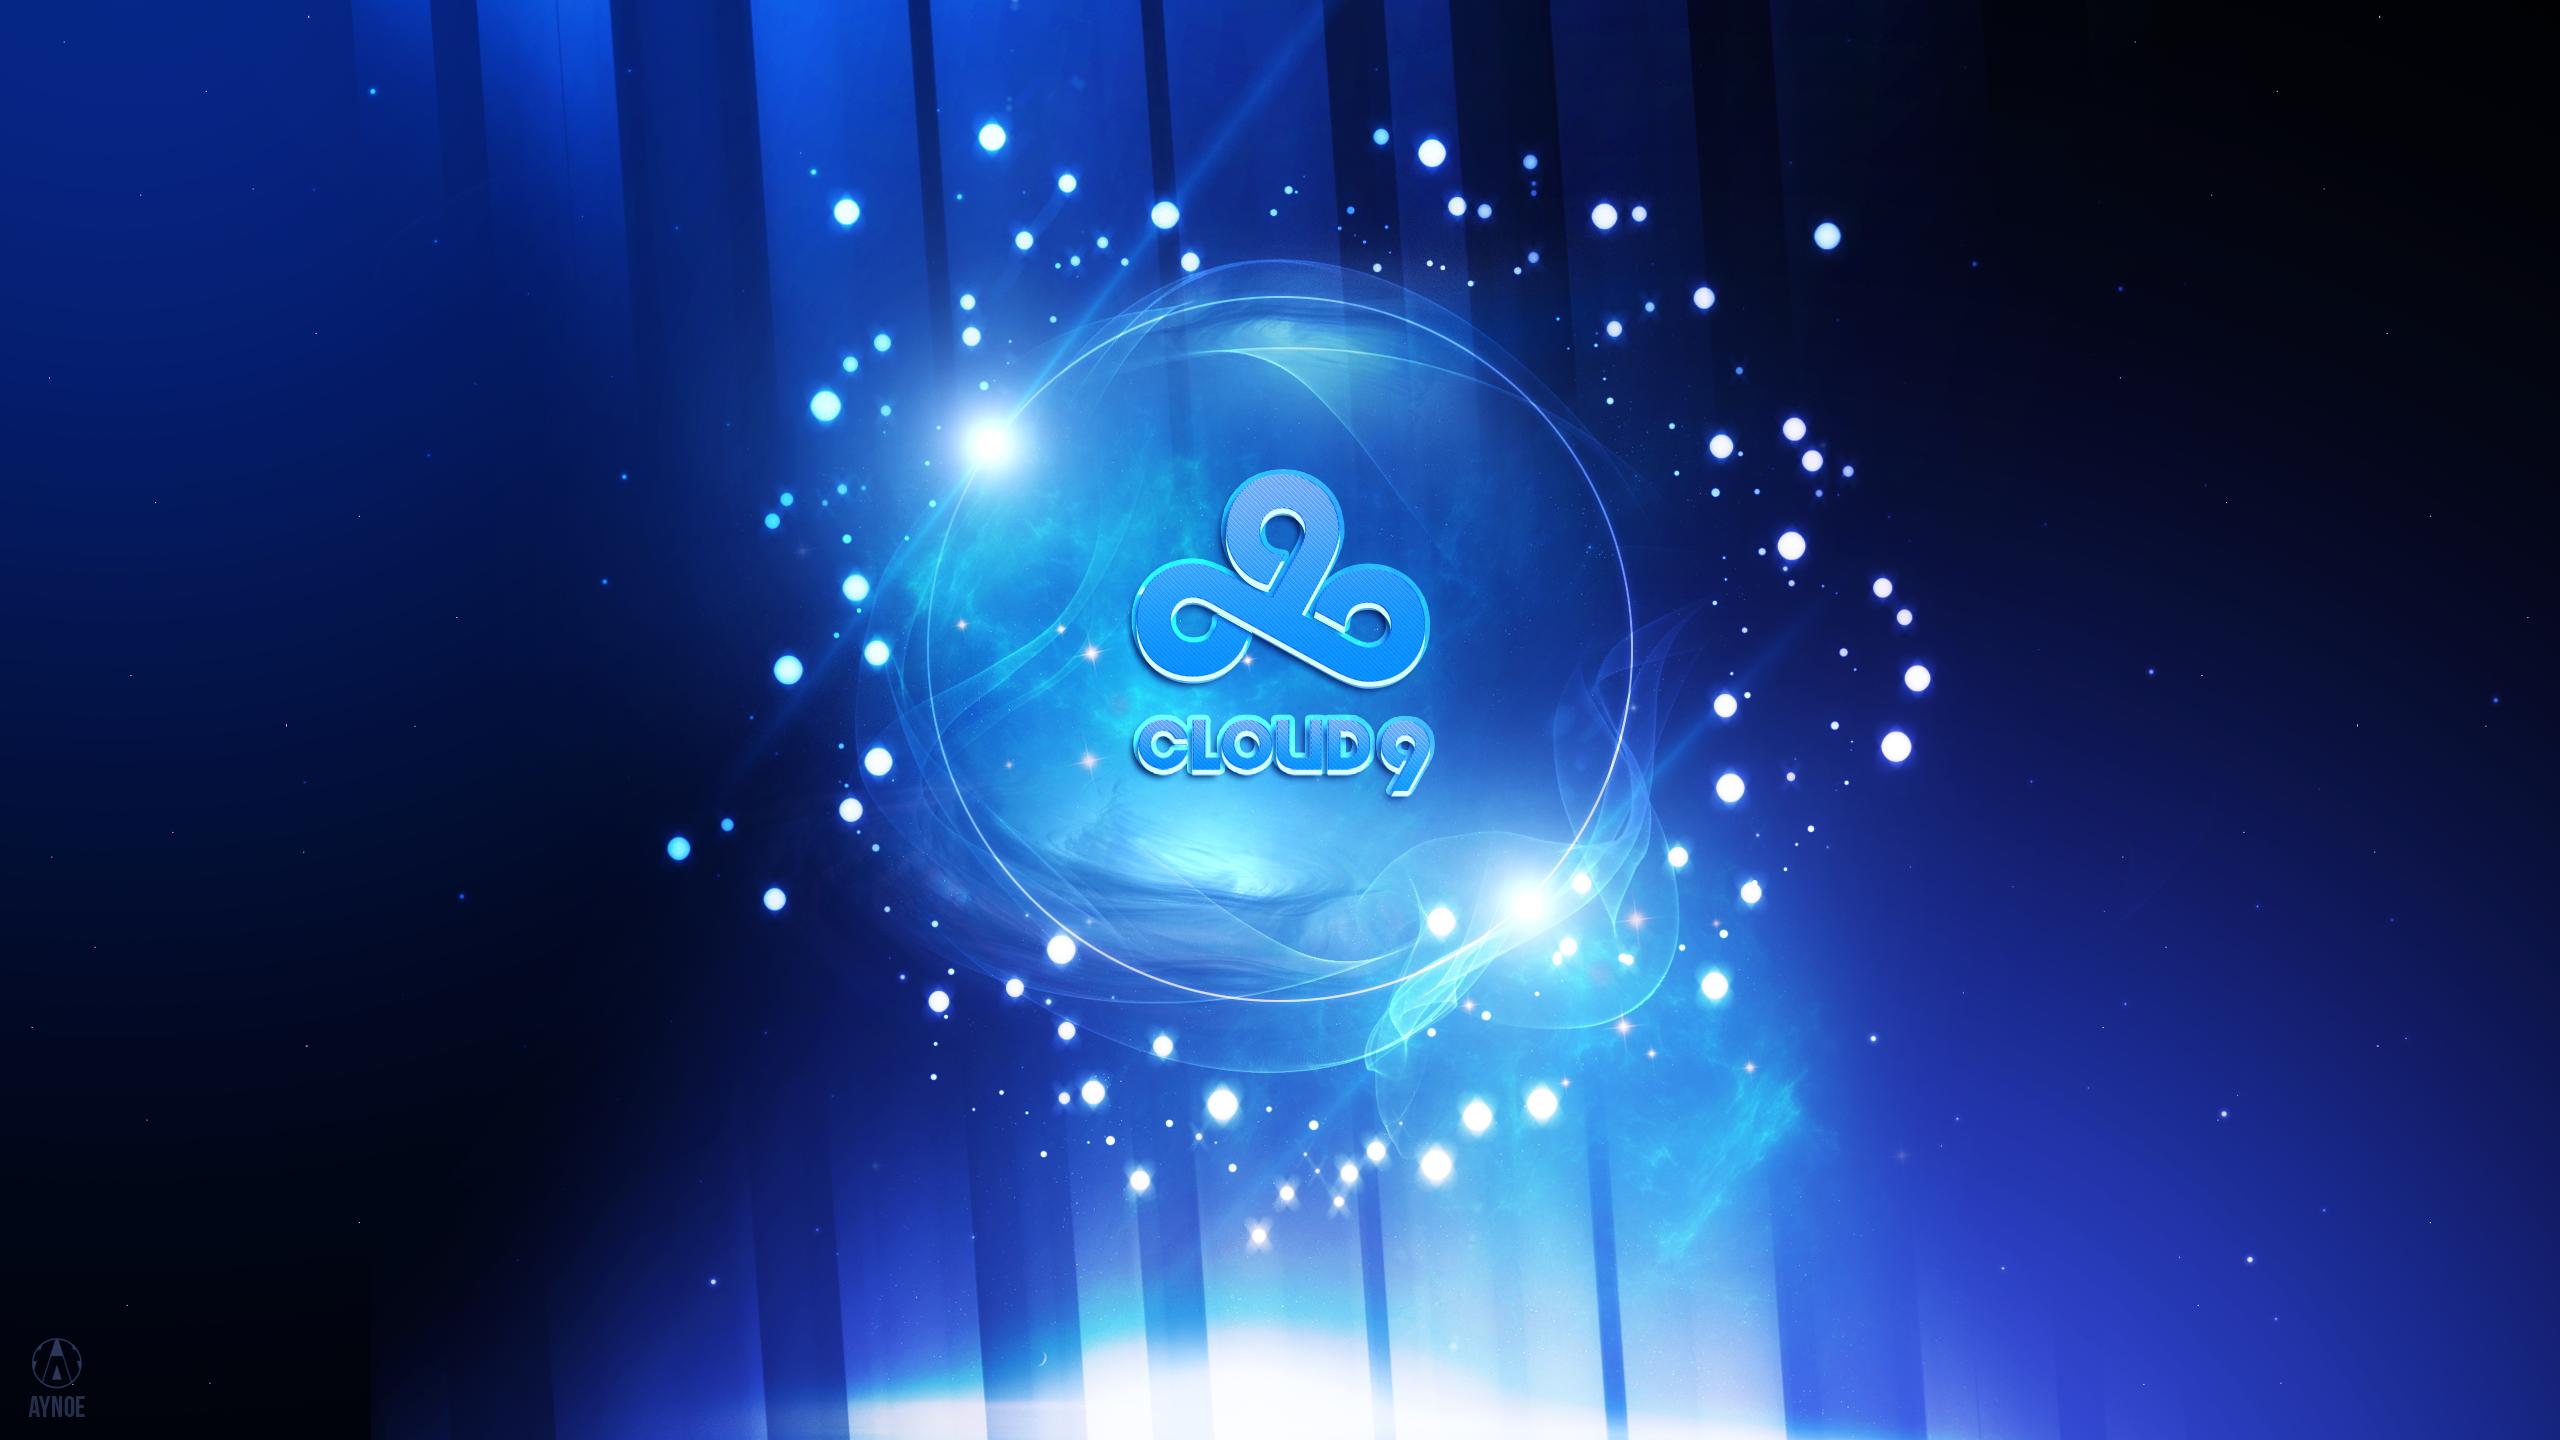 cloud9 wallpaper logo league of legends by aynoe on